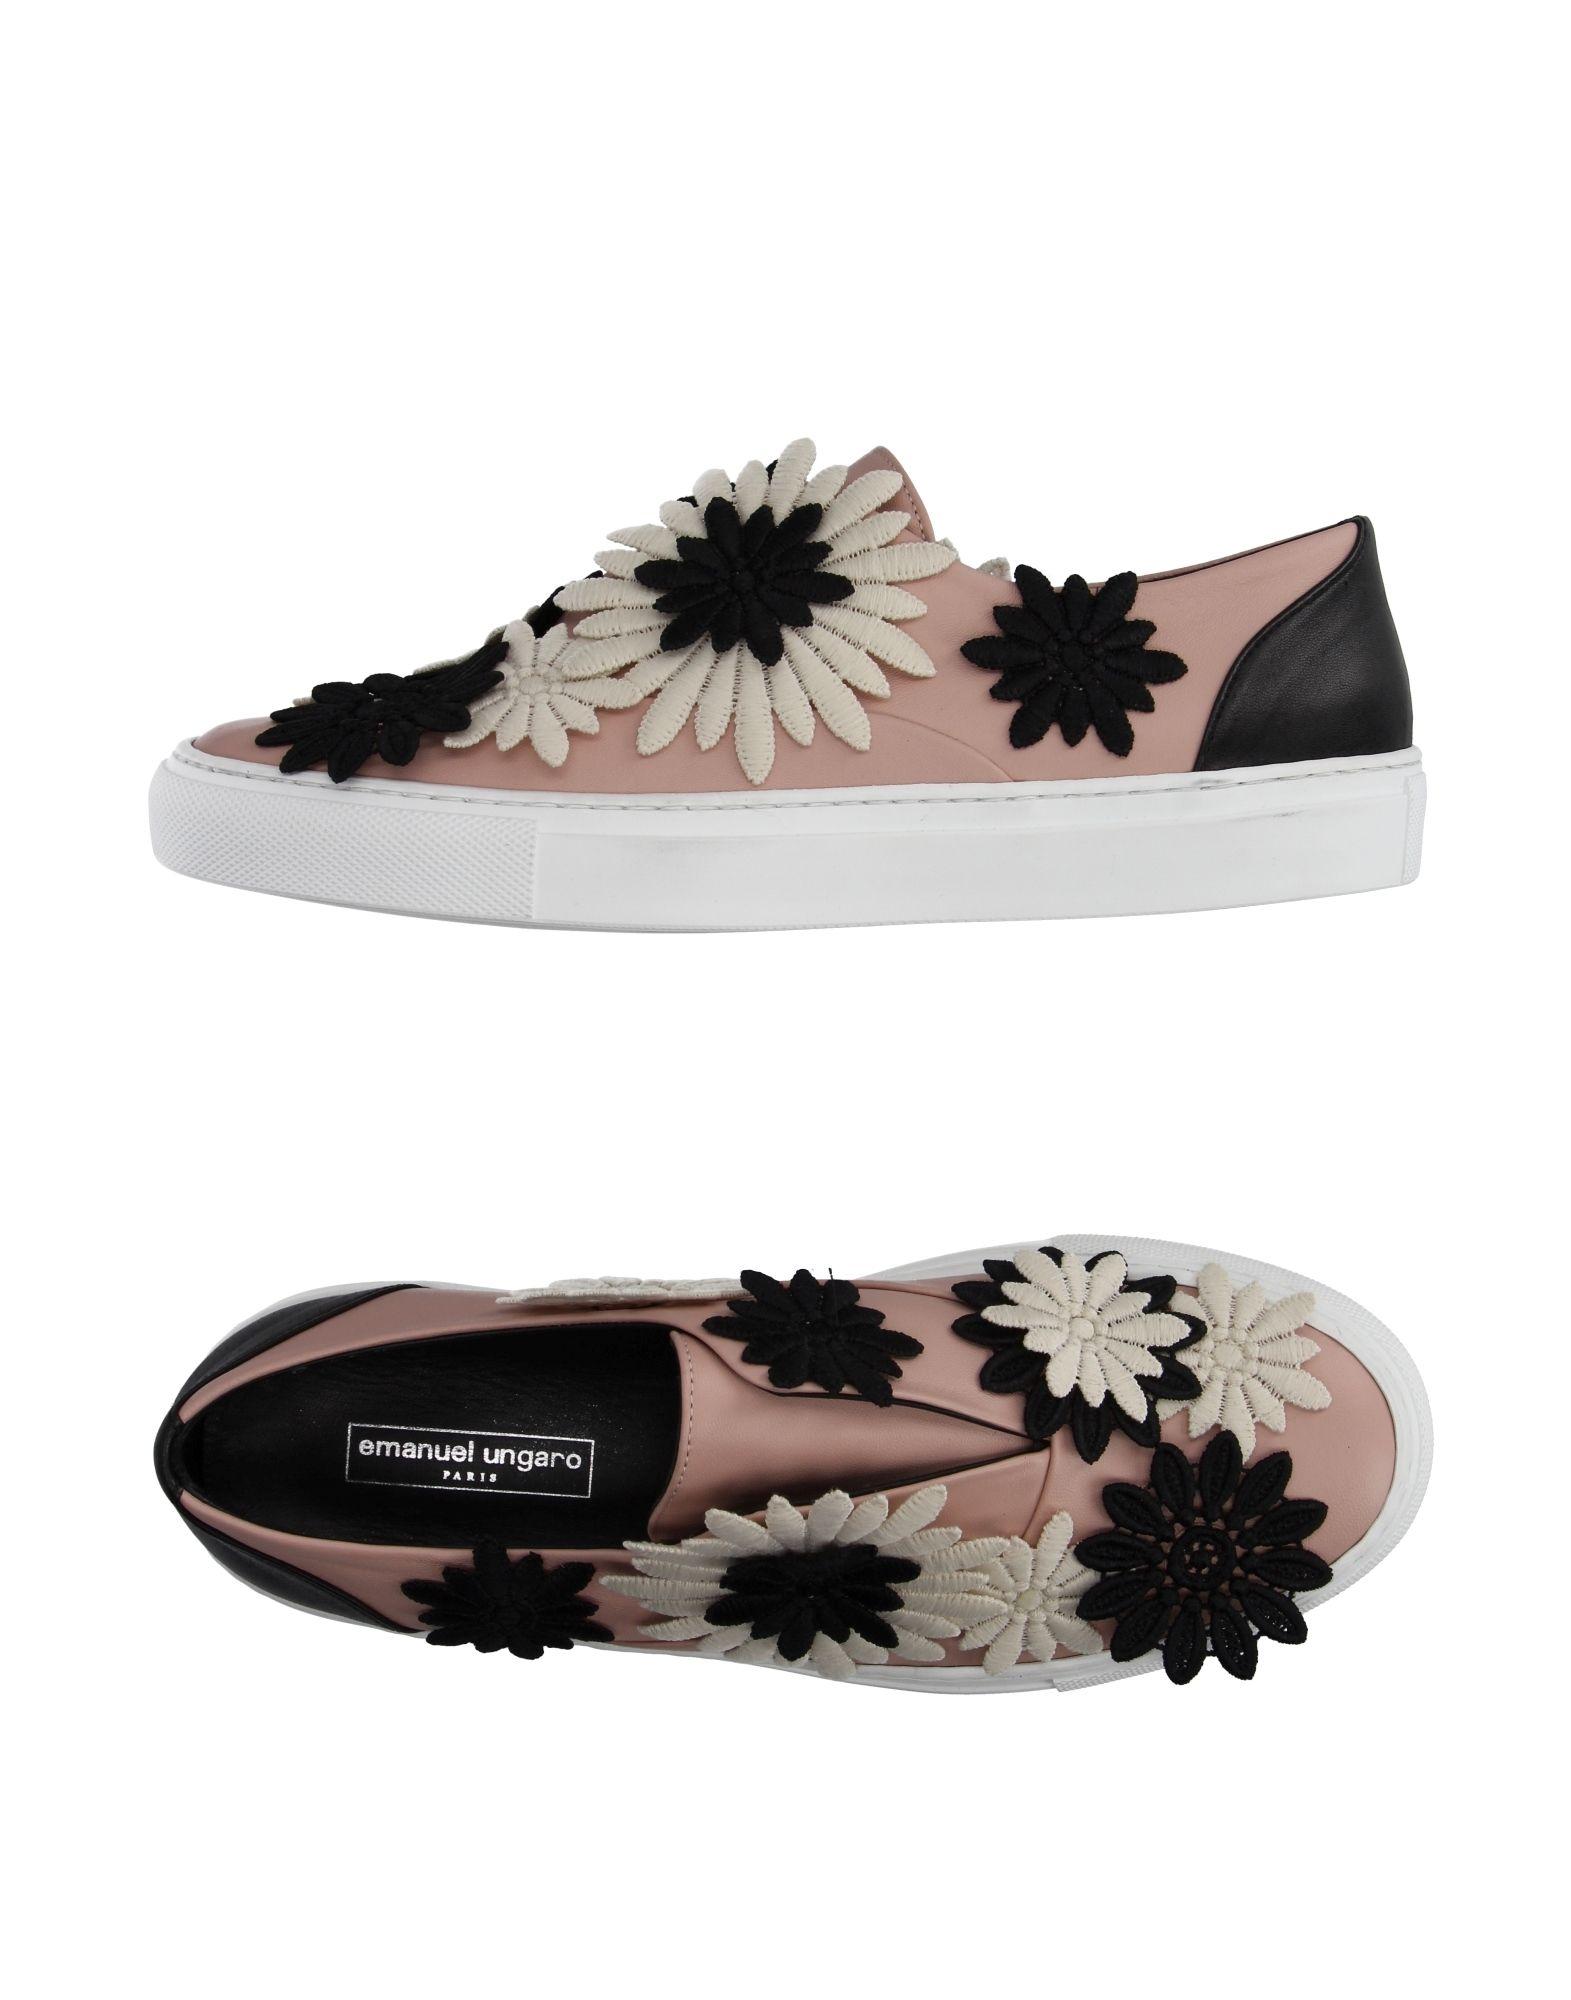 Rabatt Schuhe Emanuel Ungaro Sneakers Damen  11067395KF